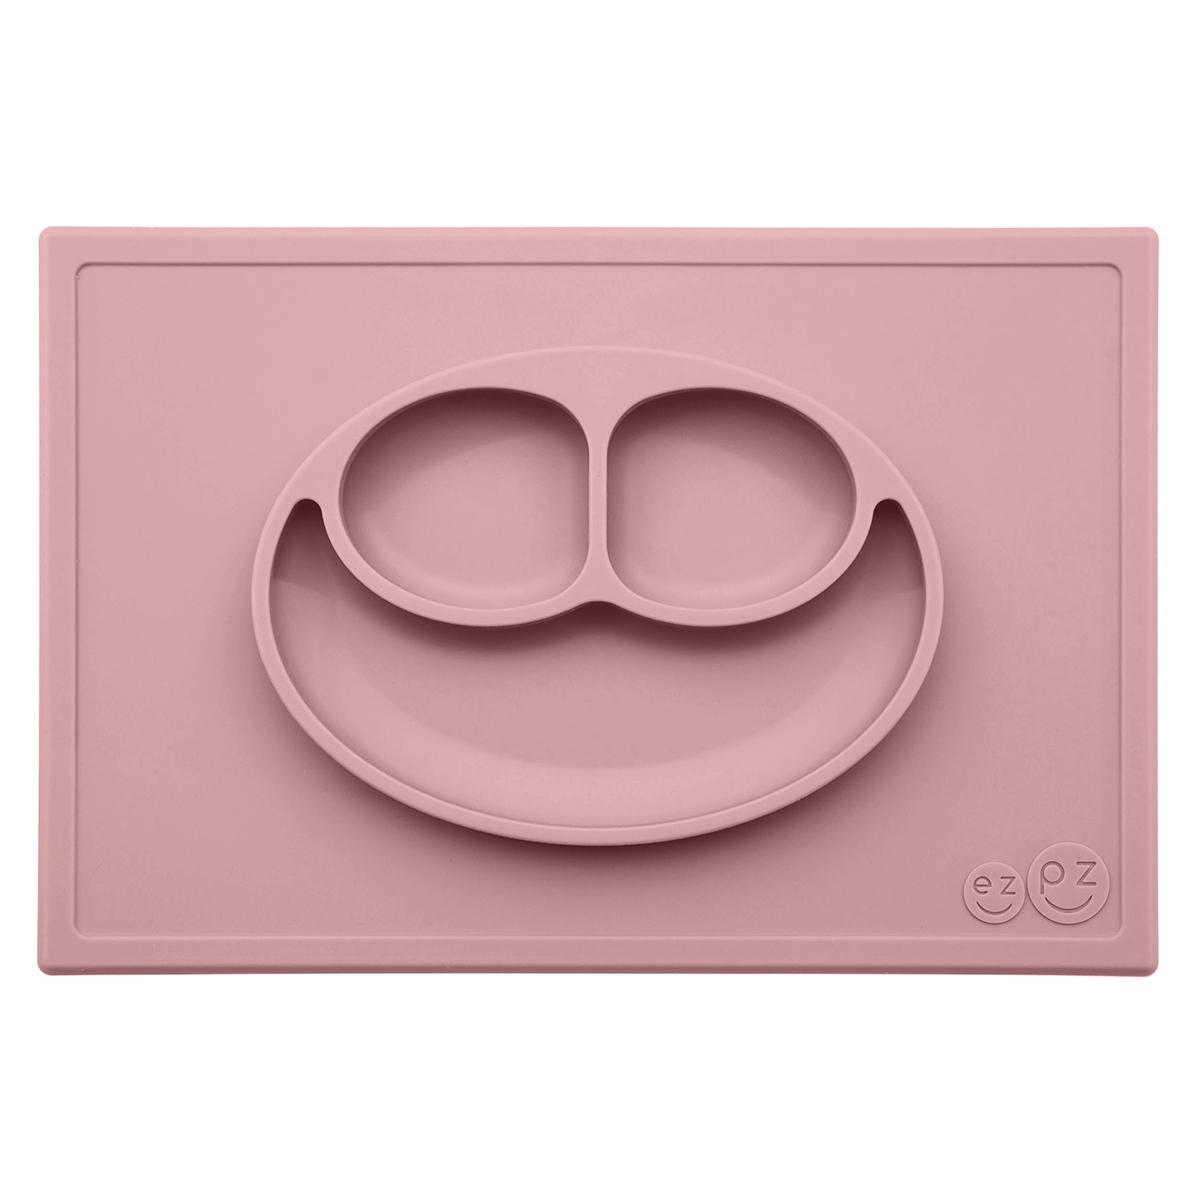 Vaisselle & Couvert Set de Table et Assiette Tout-en-1 Irrenversable Happy Mat - Rose Poudré